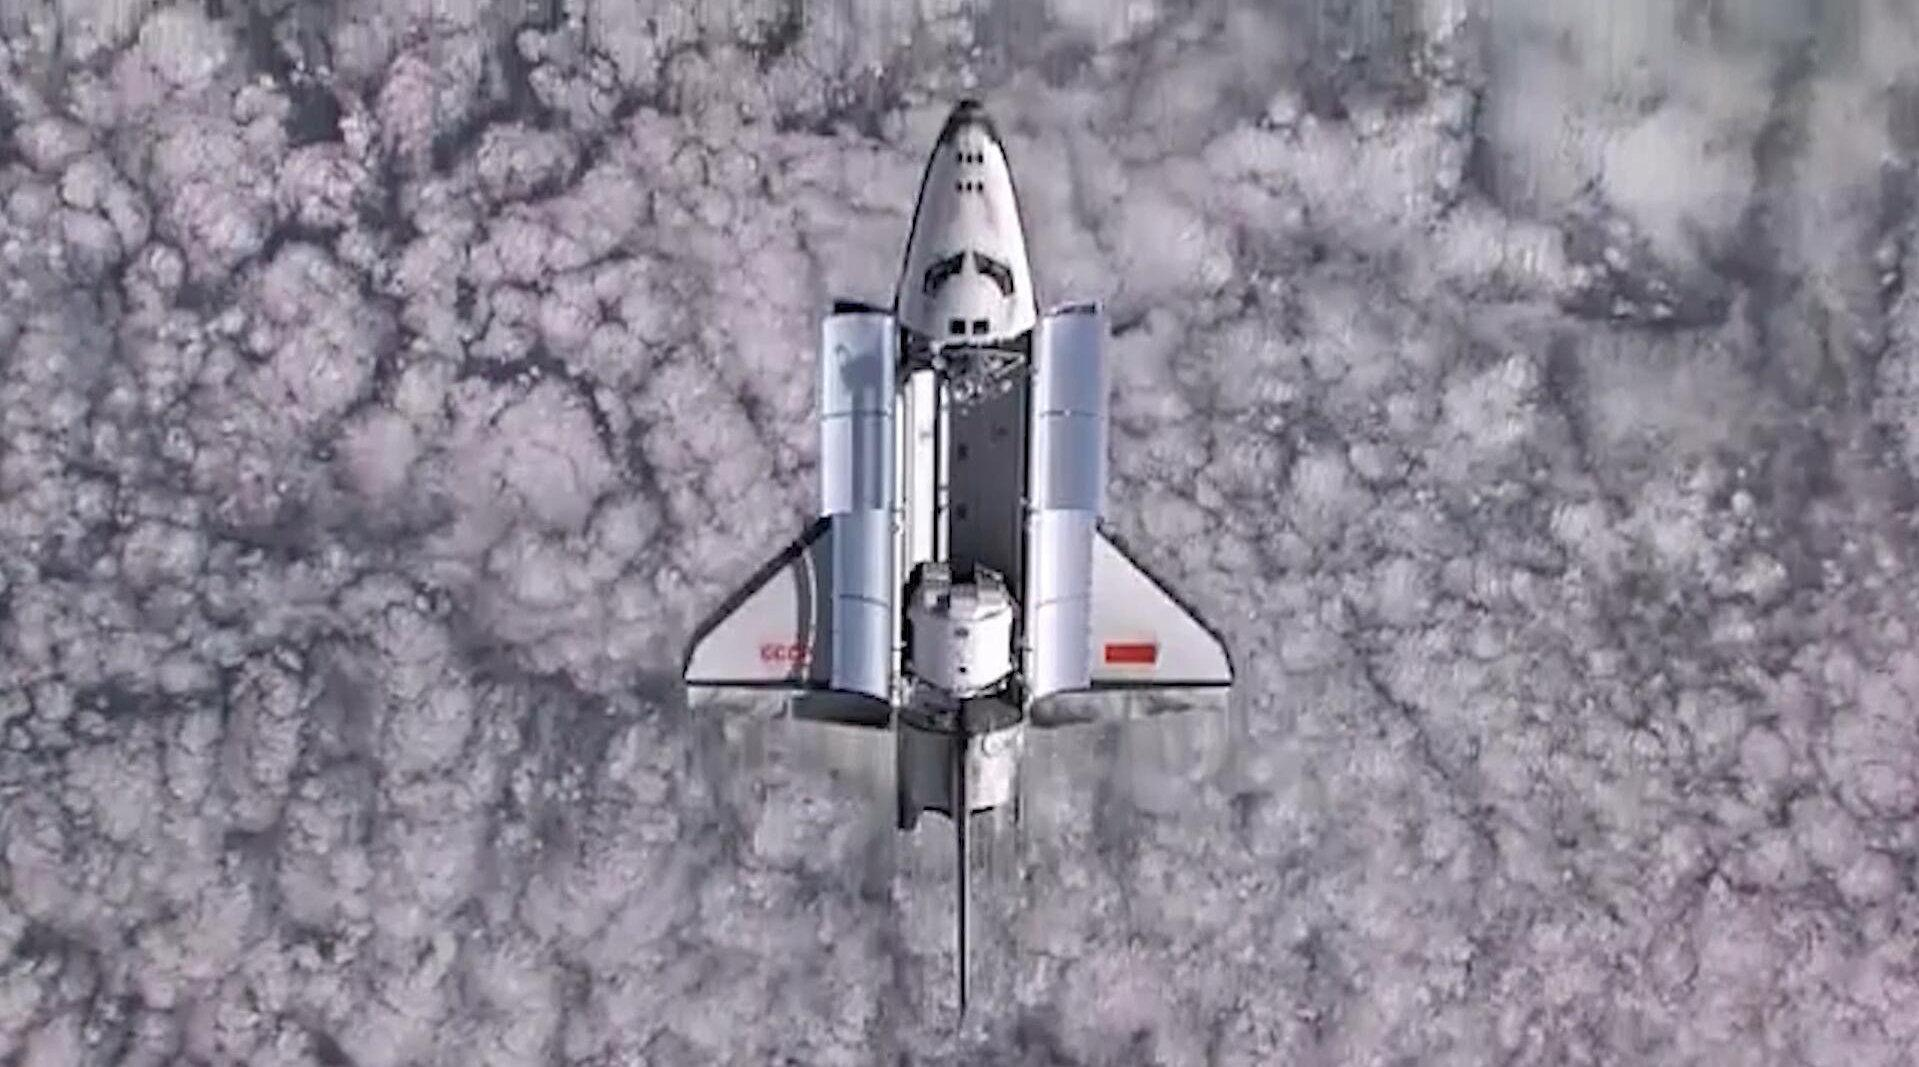 极其珍贵的影像之一,前苏联暴风雪号航天飞机,唯一一次太空之旅